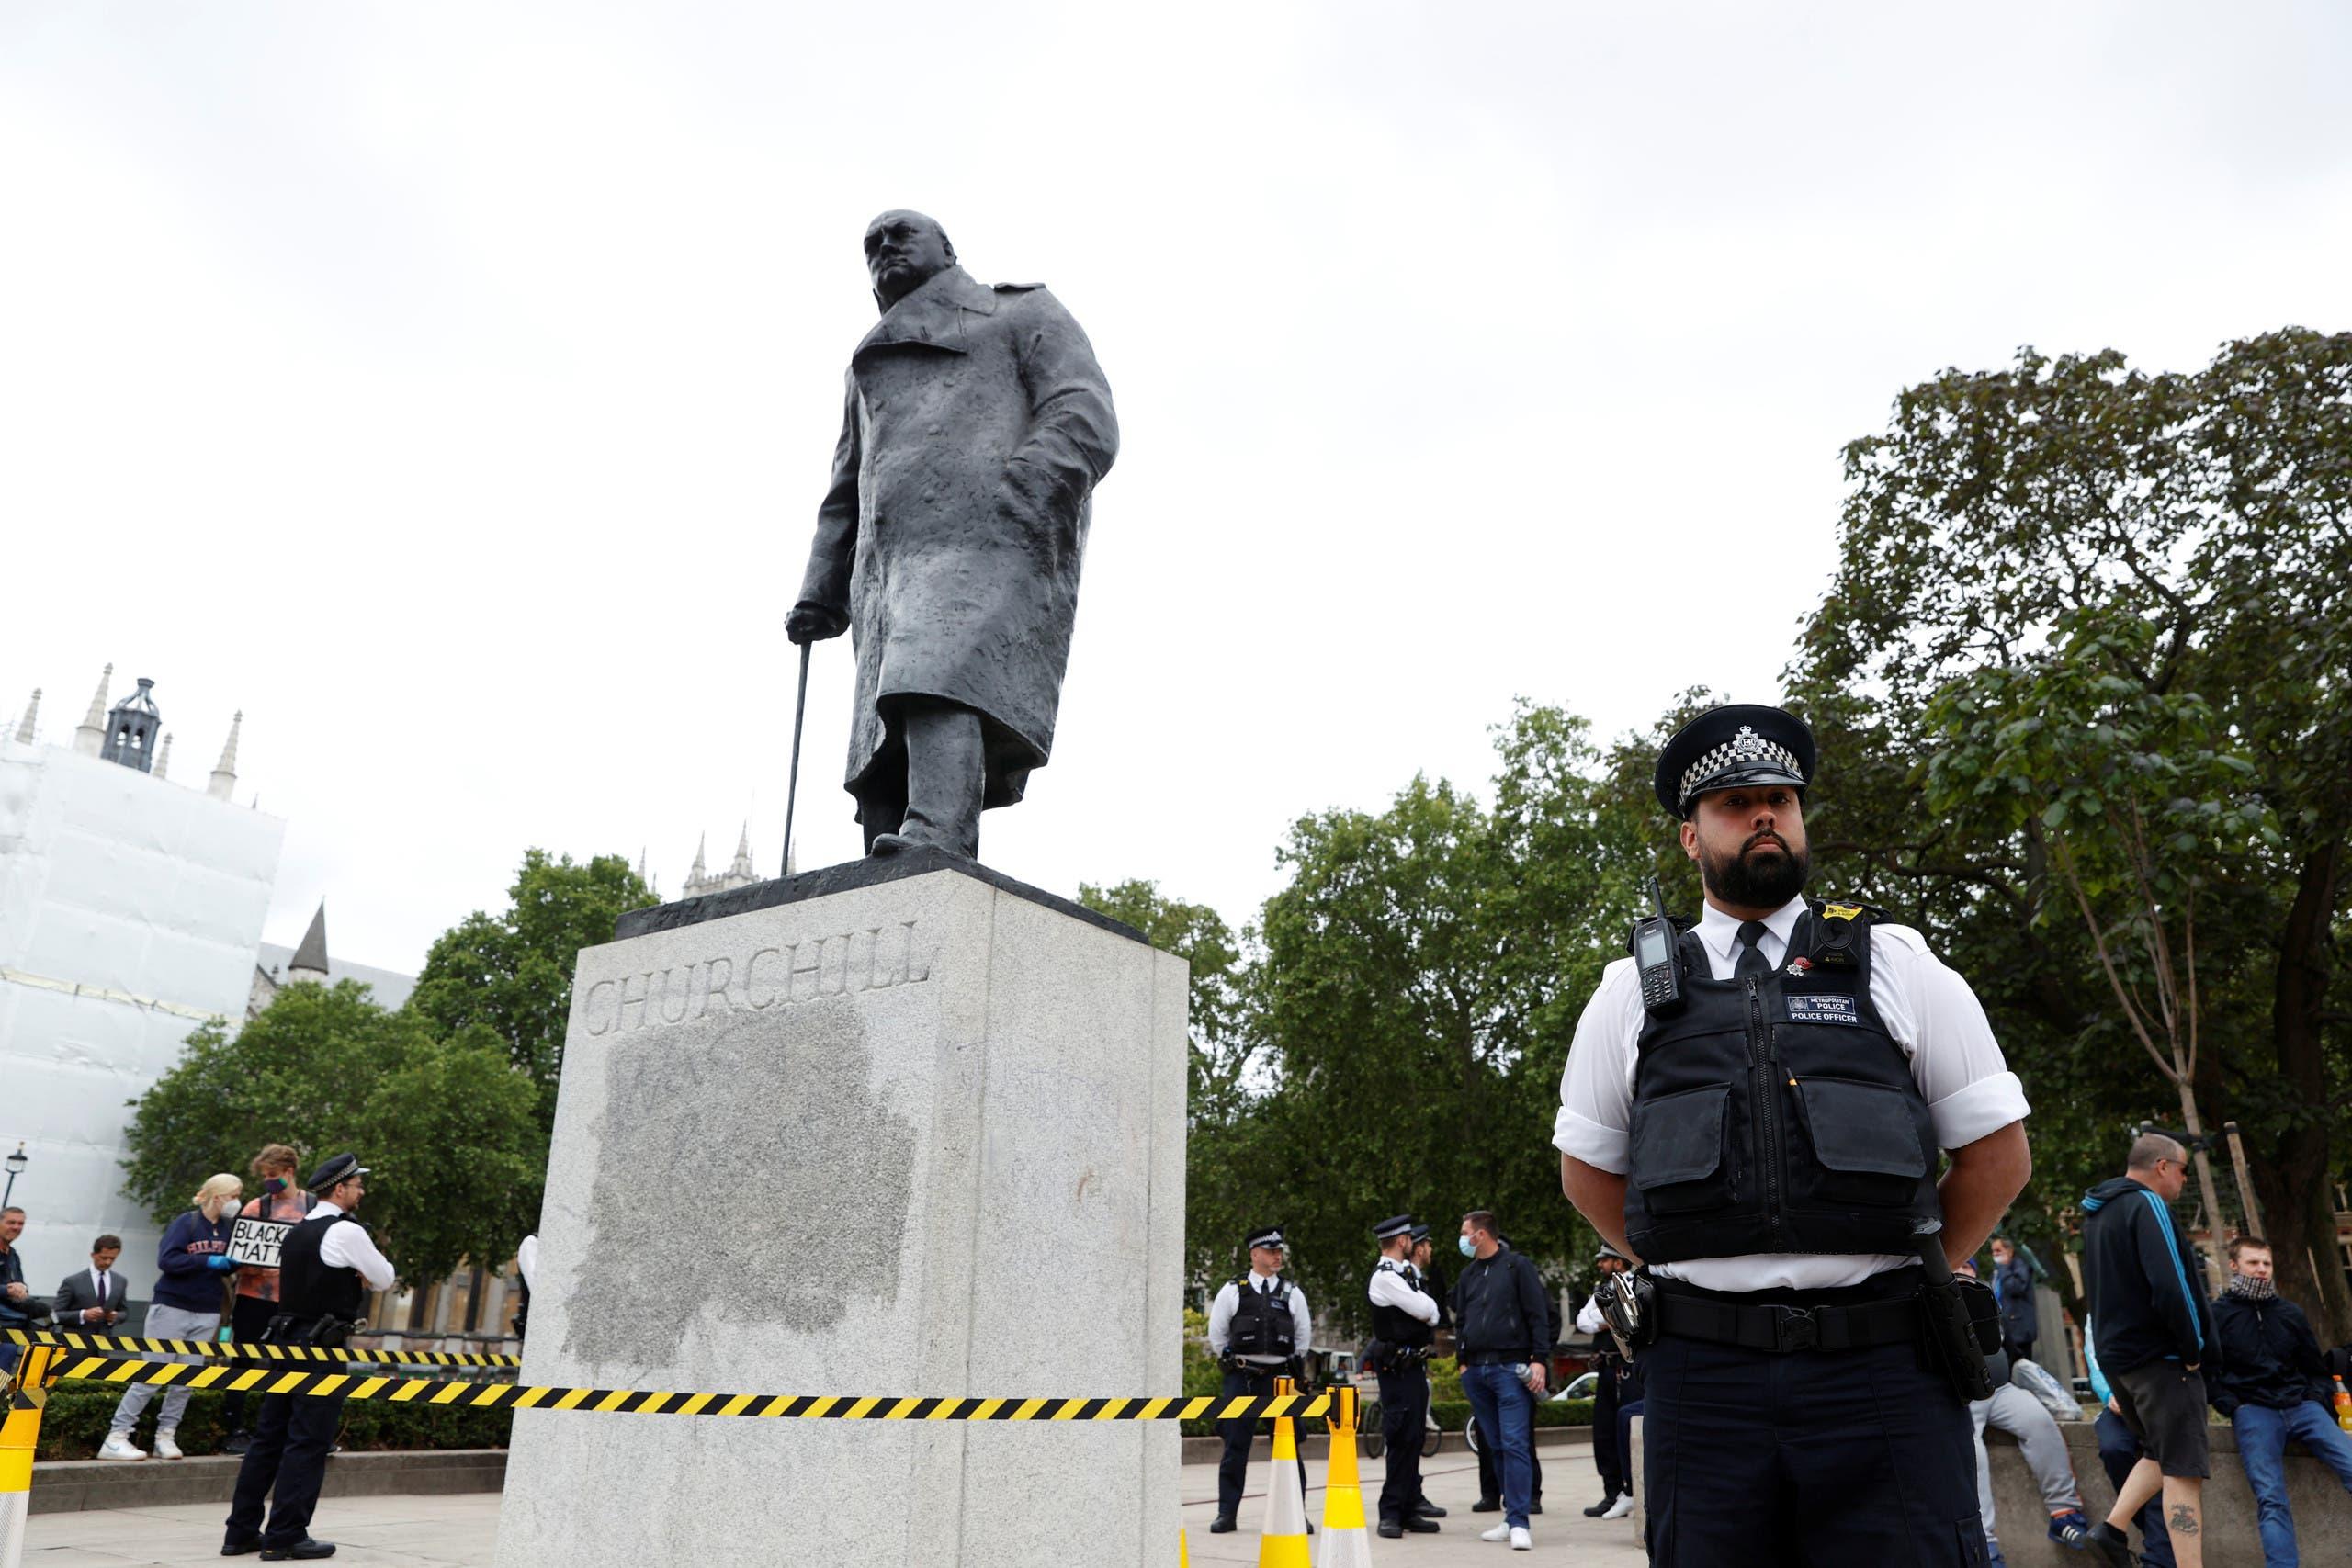 ضابط شرطة يقف بجوار تمثال ونستون تشرشل في ساحة البرلمان يوم 8 يونيو